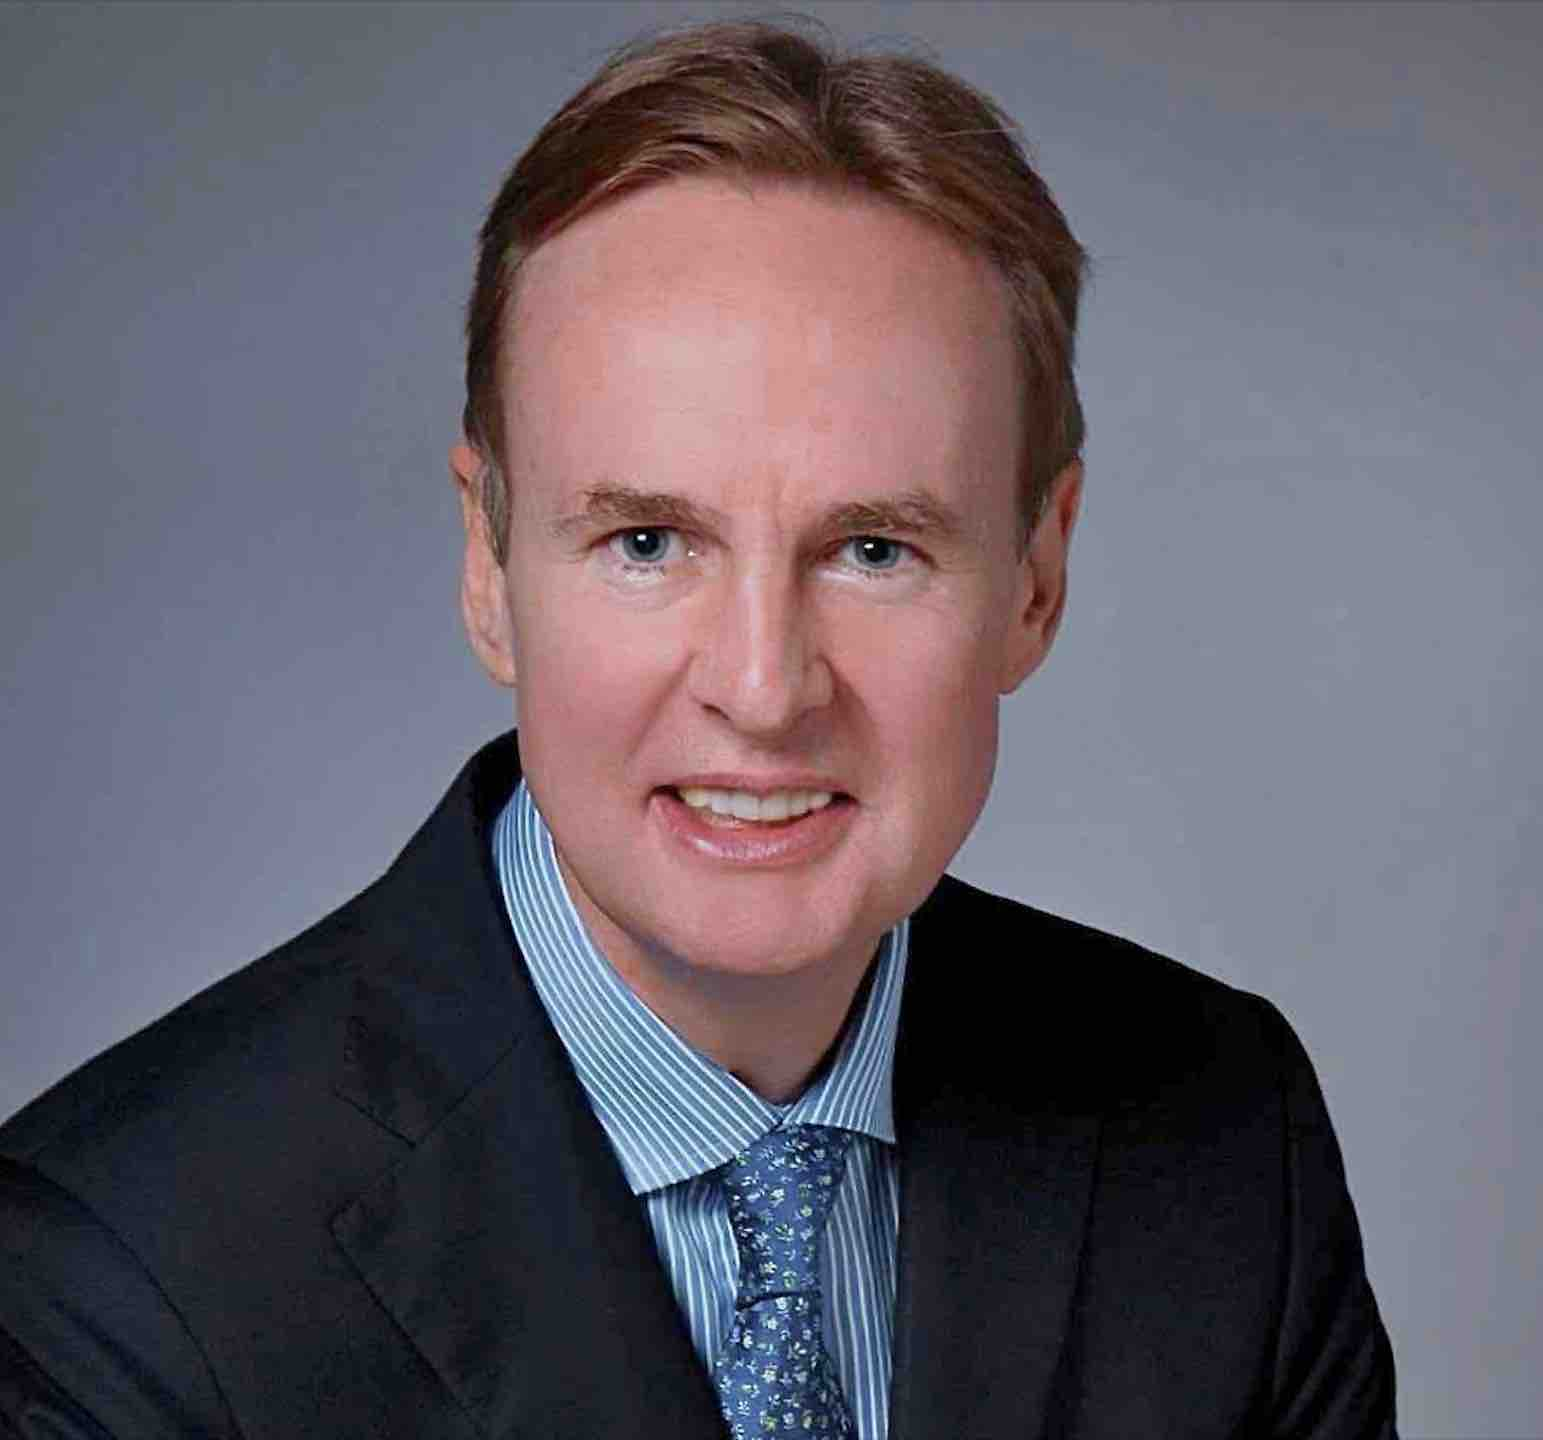 Martin Howell